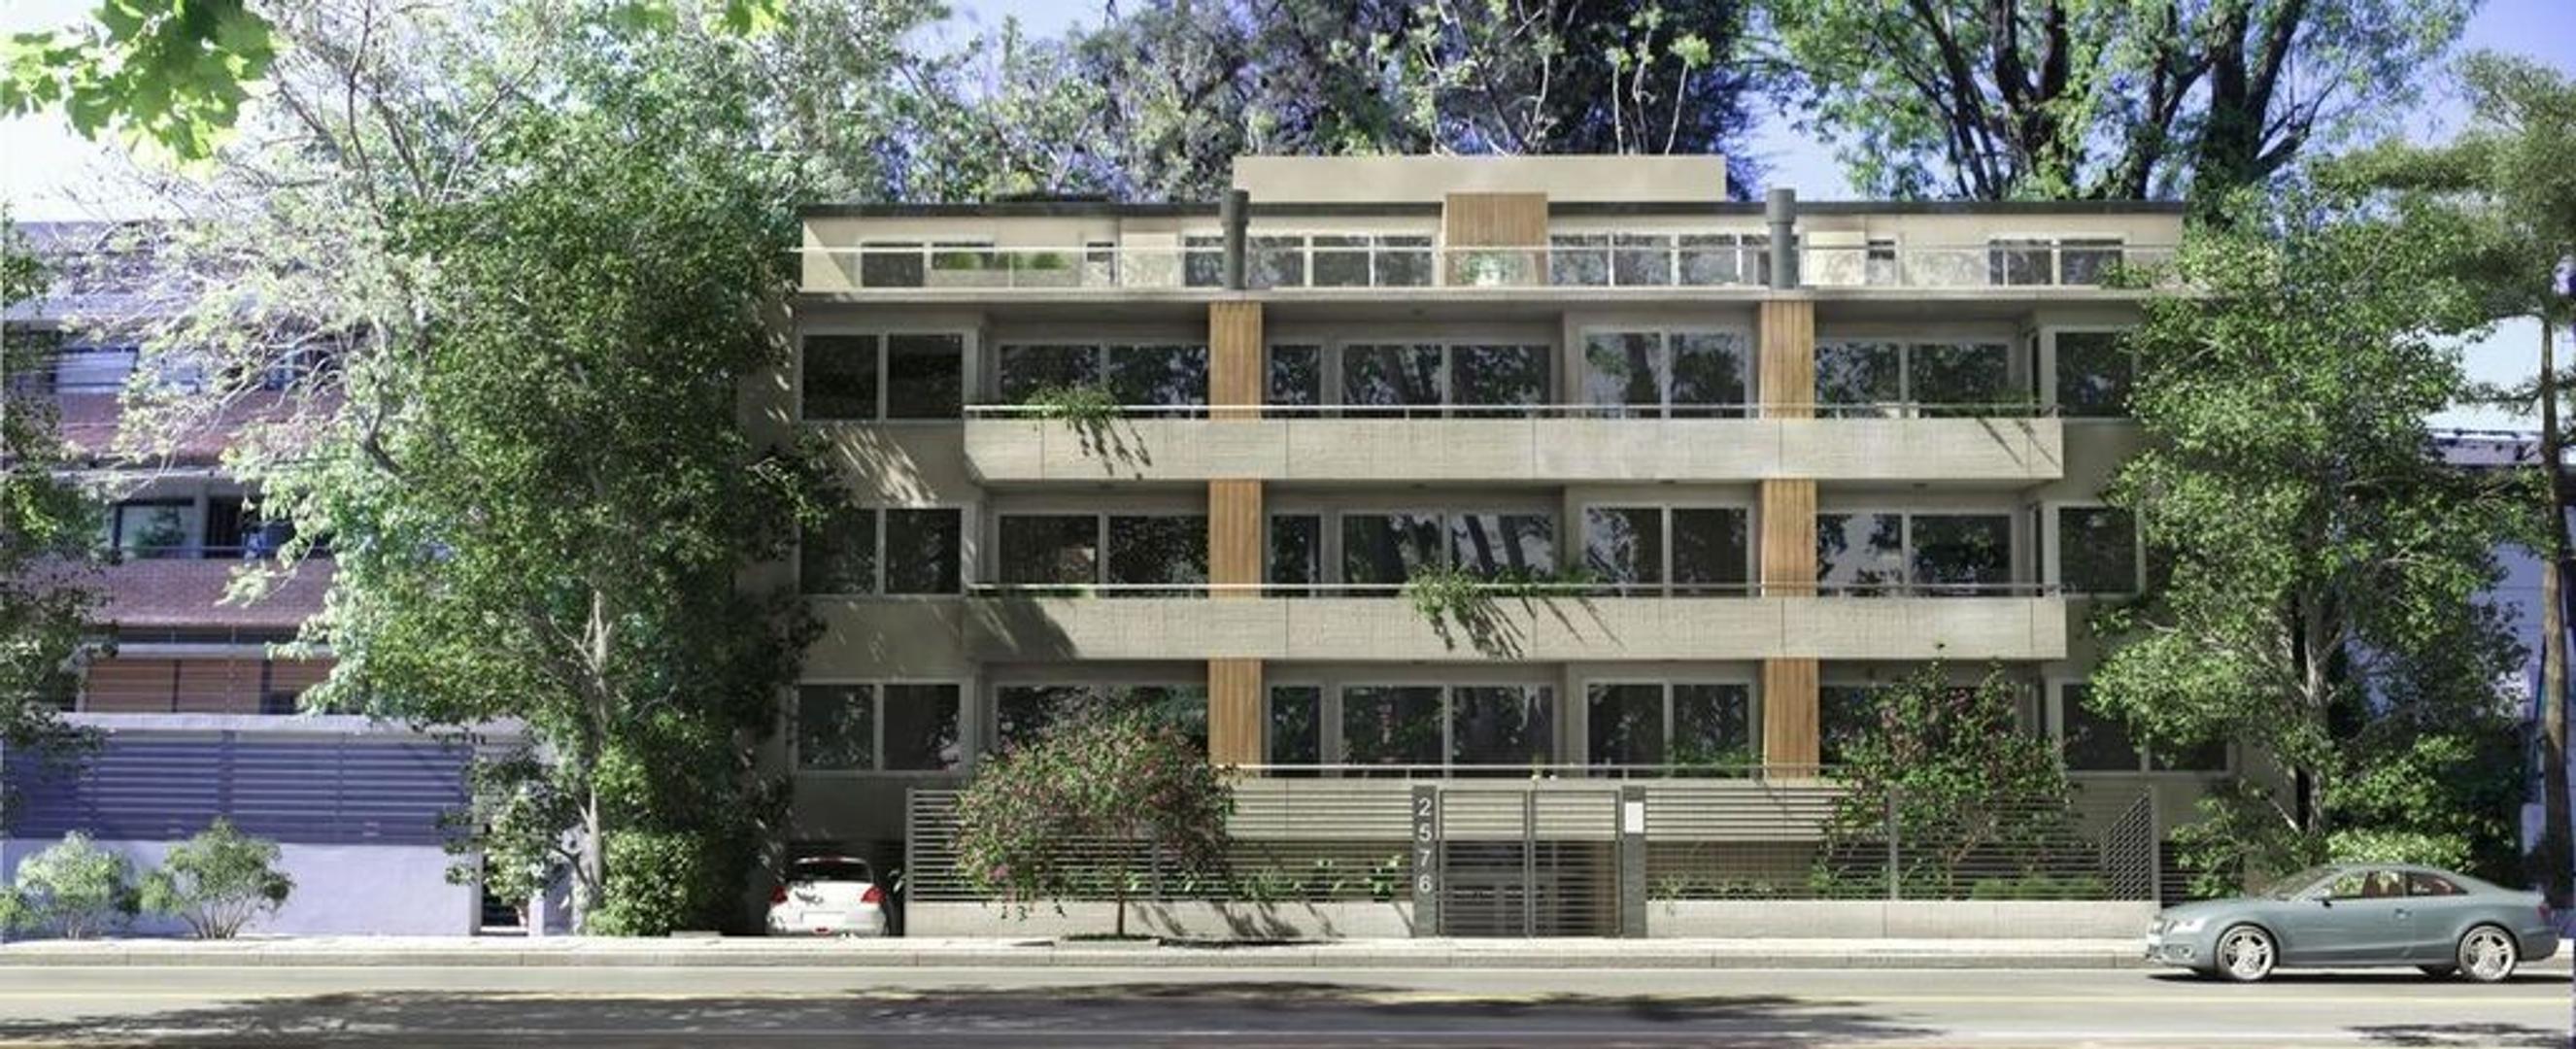 Departamento  en Venta ubicado en San Fernando, Zona Norte - LOM0533_LP122491_1